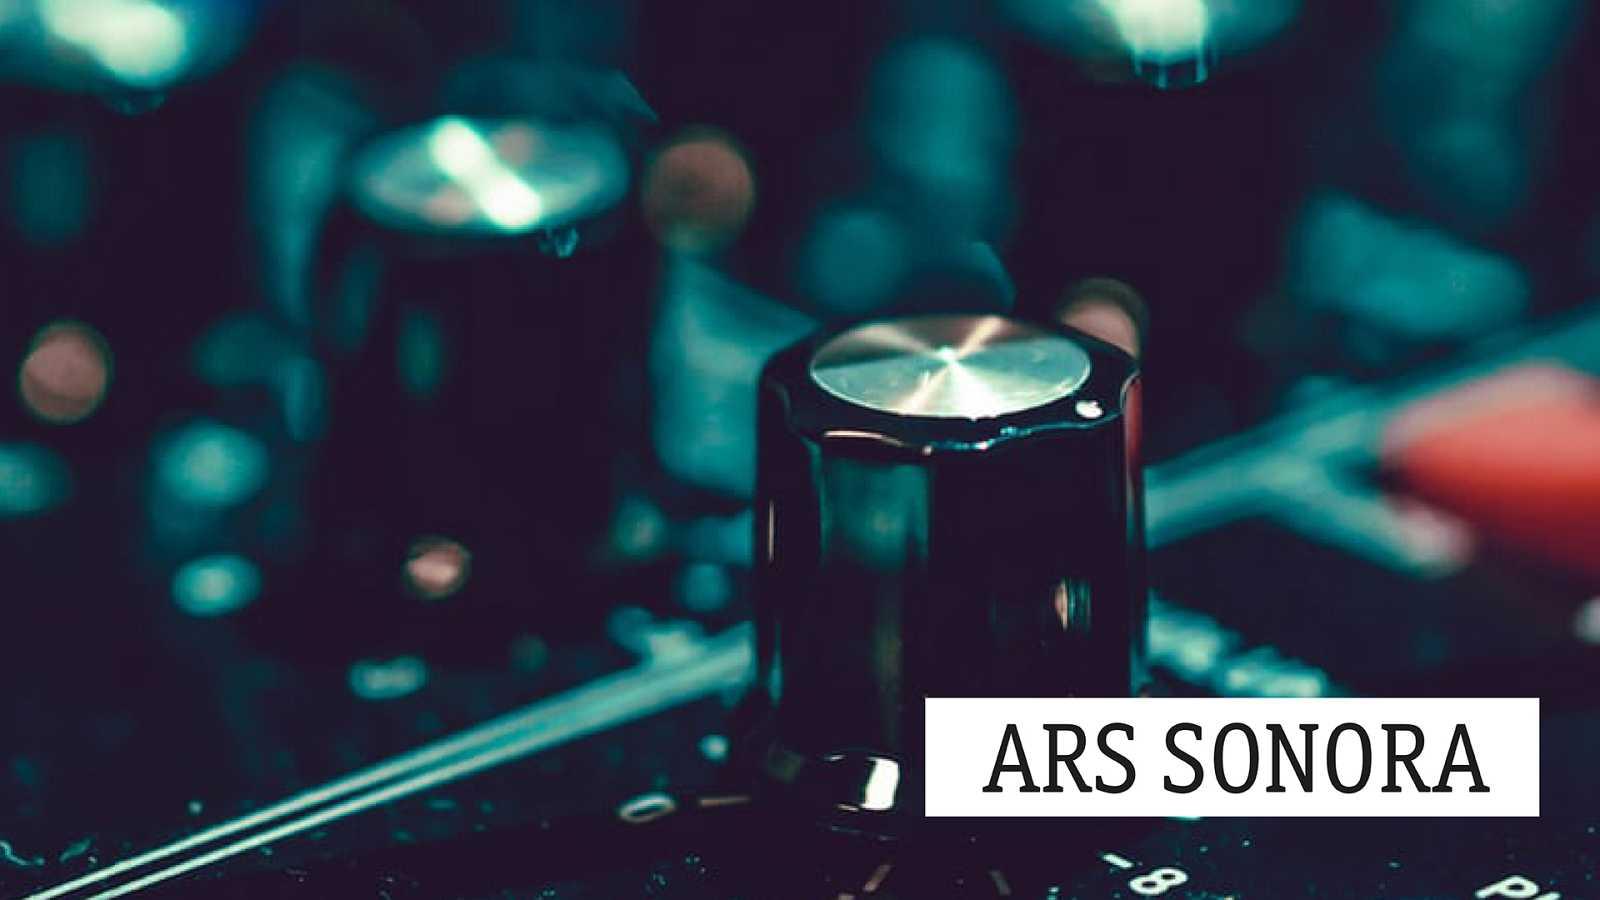 Ars sonora - Cum grano salis, ciclo de música inmersiva - 01/02/20 - escuchar  ahora